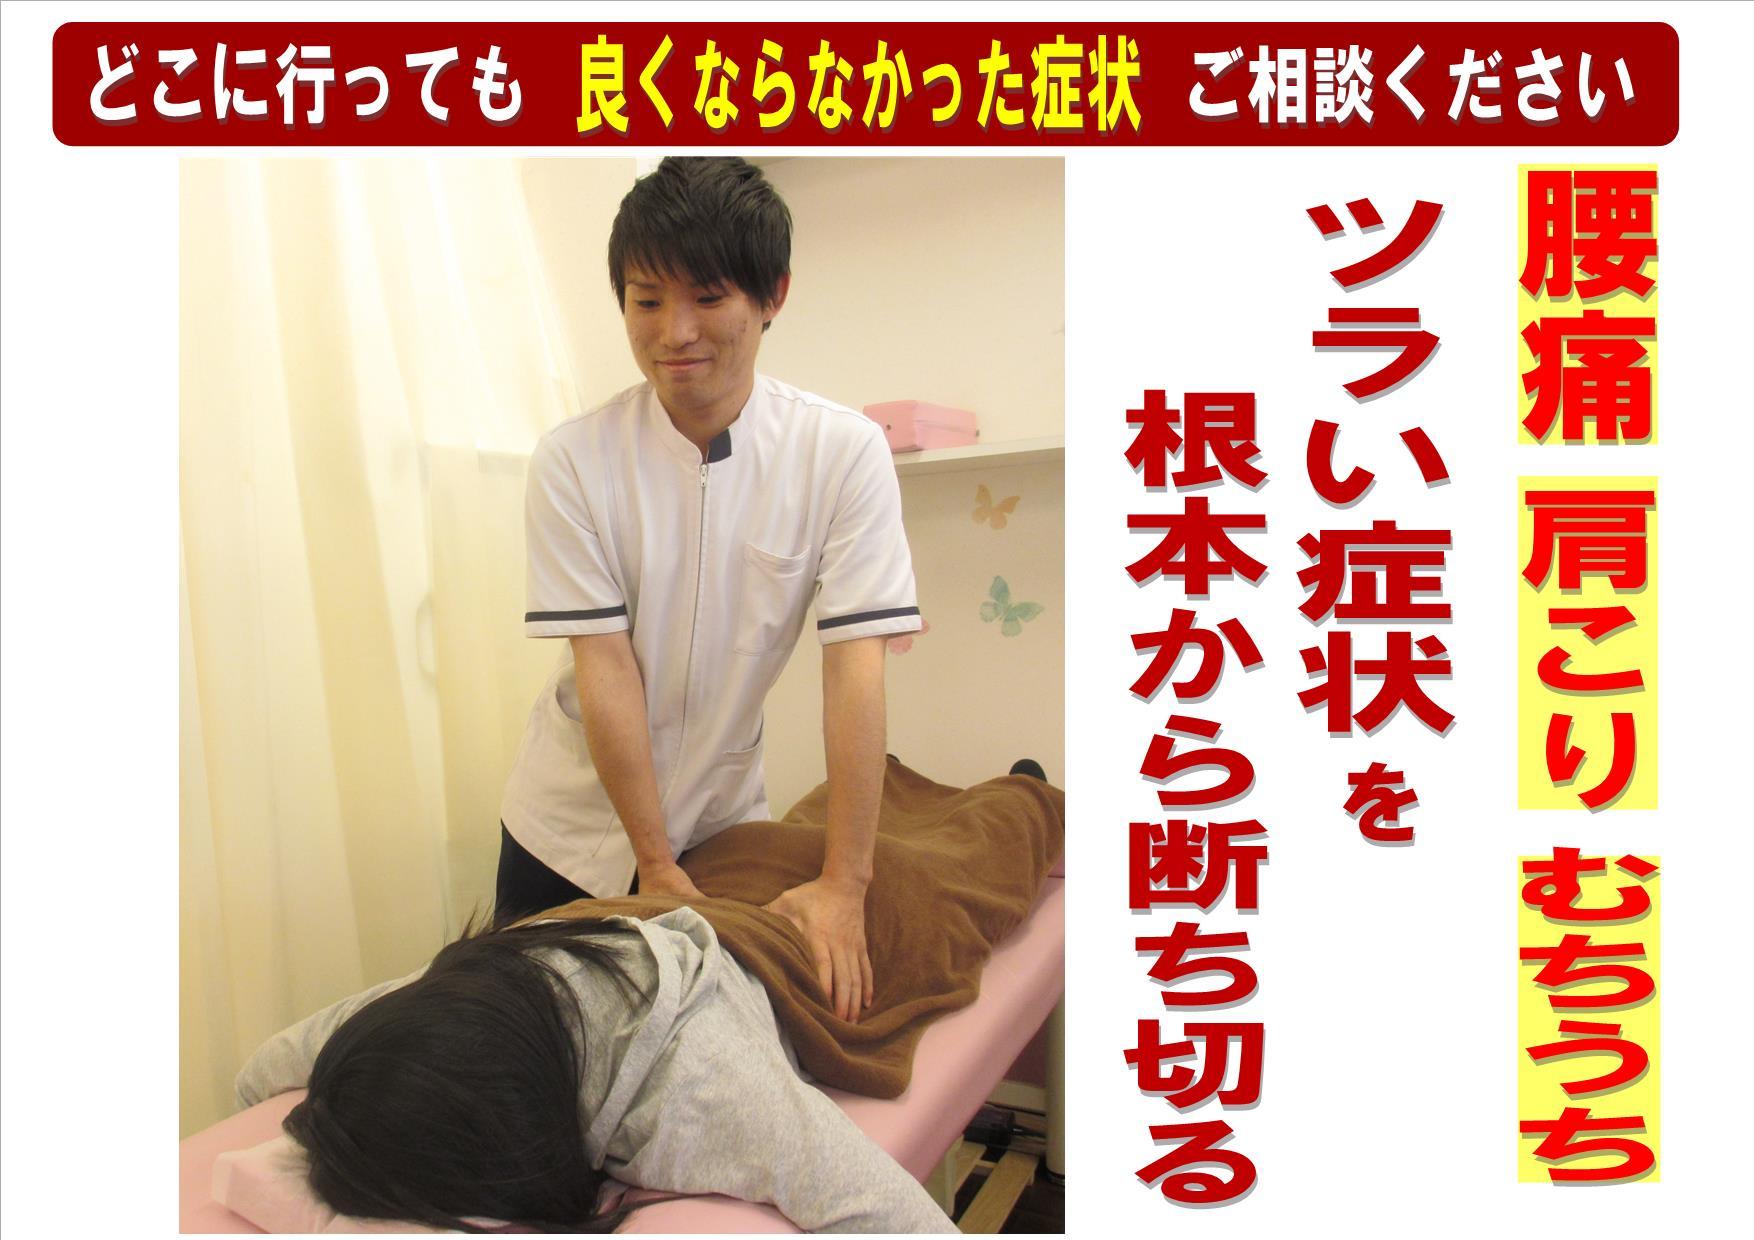 夜間22時まで受付|京都でむちうちなどの交通事故治療、腰痛治療、肩こり治療専門の整体、出産後の骨盤矯正、骨盤ケアは京都市西京区さくら整骨院にお任せください。